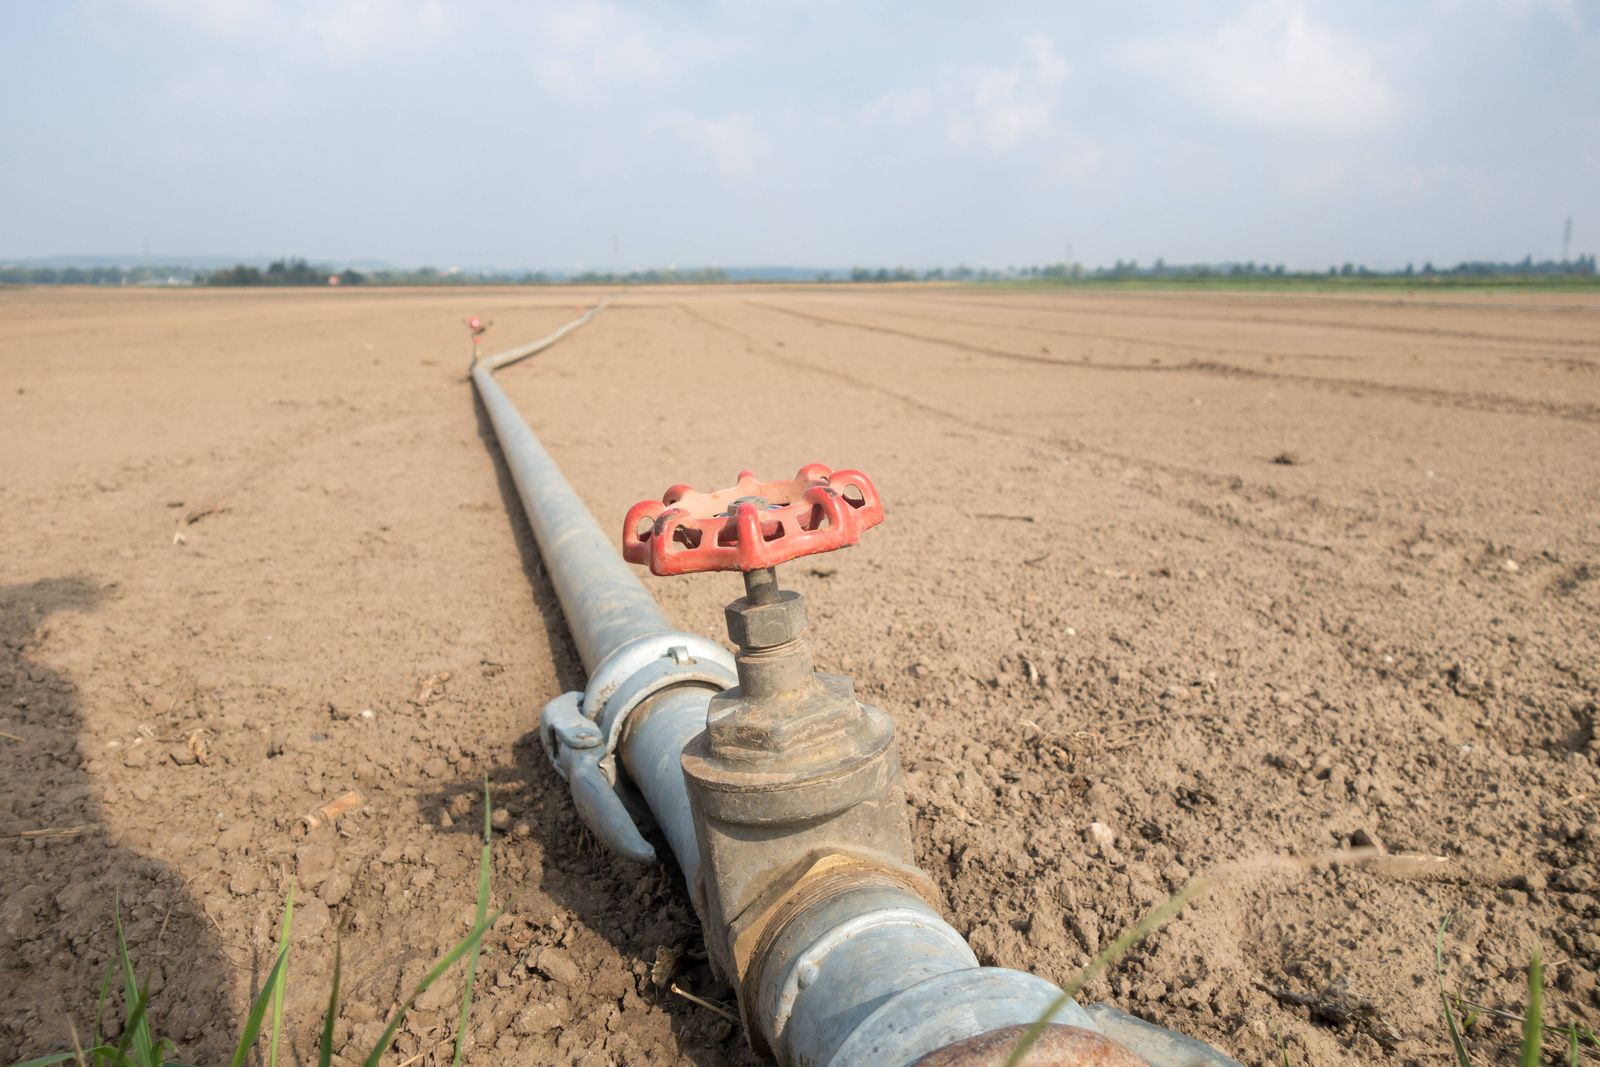 Bew?sserungssystem auf einem Feld bei Bornheim im Rhein-Sieg Kreis. Trockener Acker bei Hitzewelle *** Irrigation syste